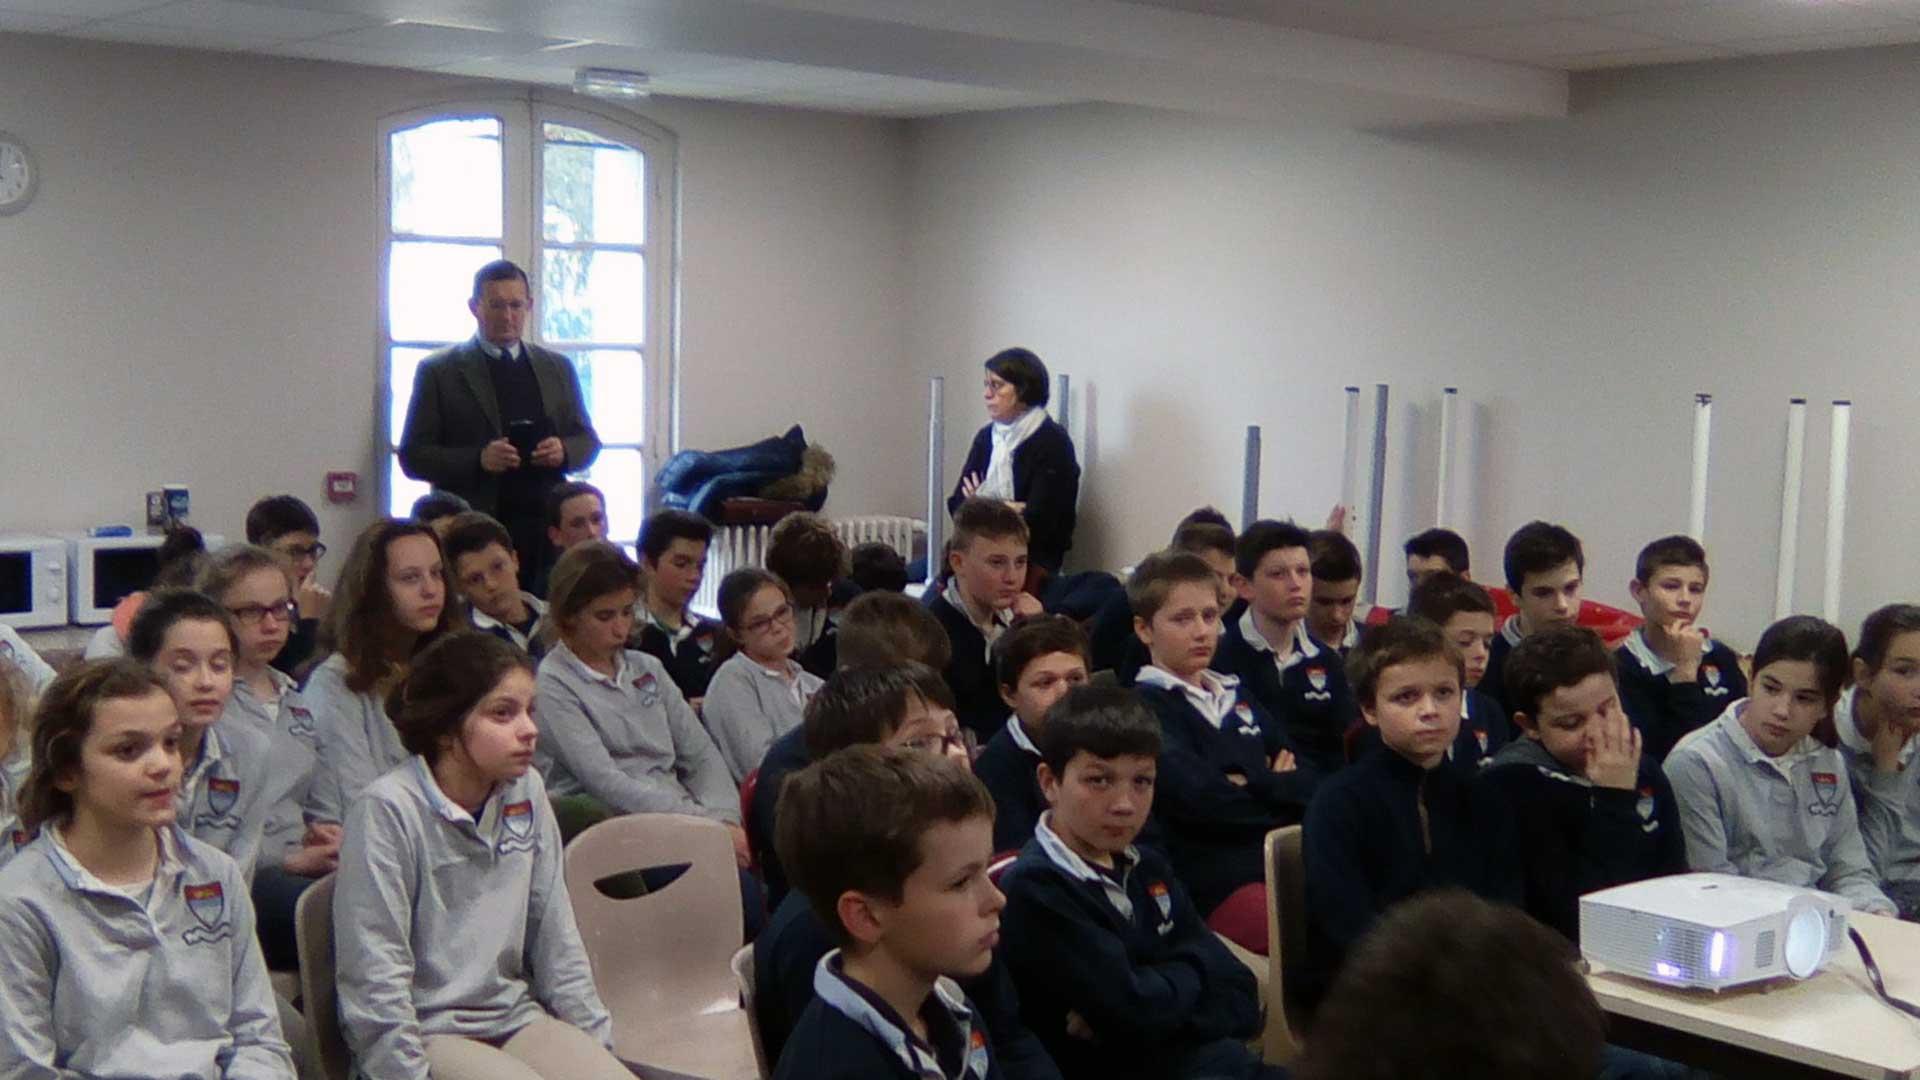 Le collège Saint-Fort soutient les Chrétiens d'Orient